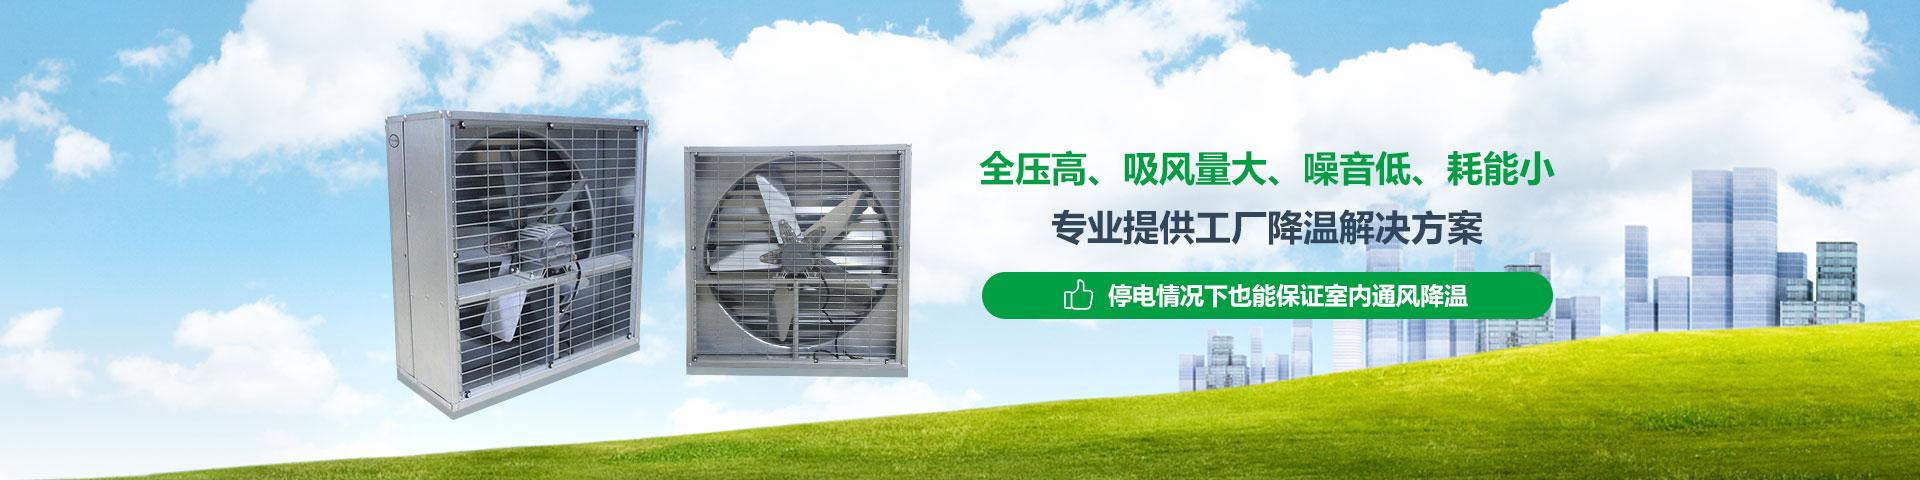 镀锌板负压风机